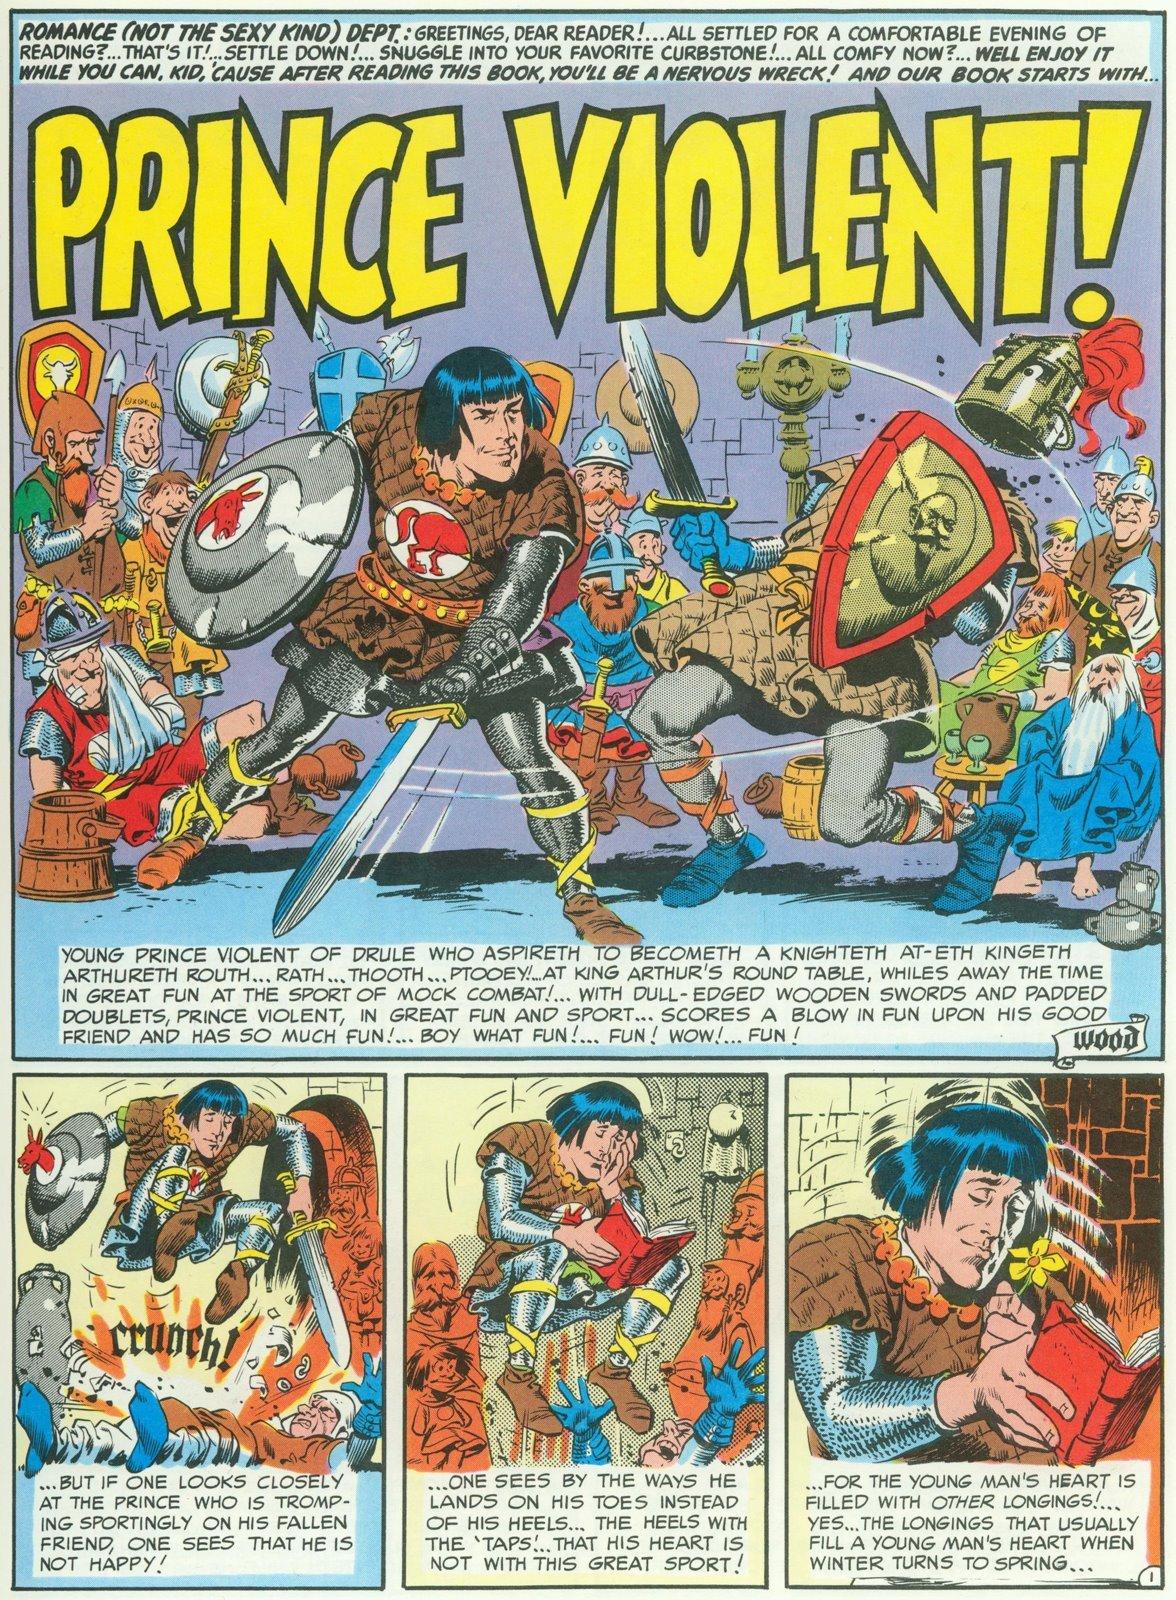 Erbzine 3745 Prince Violent